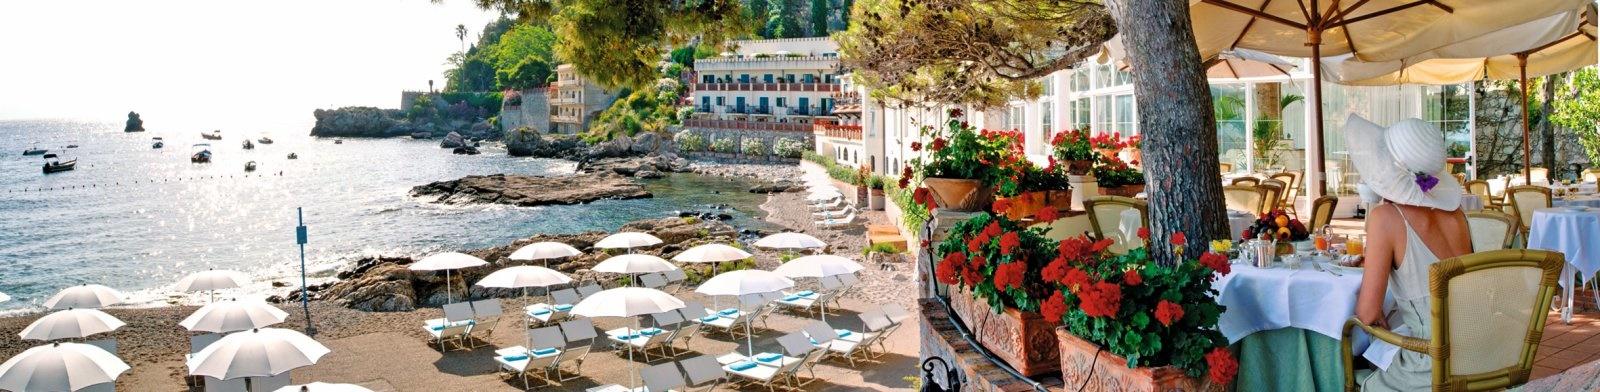 luxury Sicily